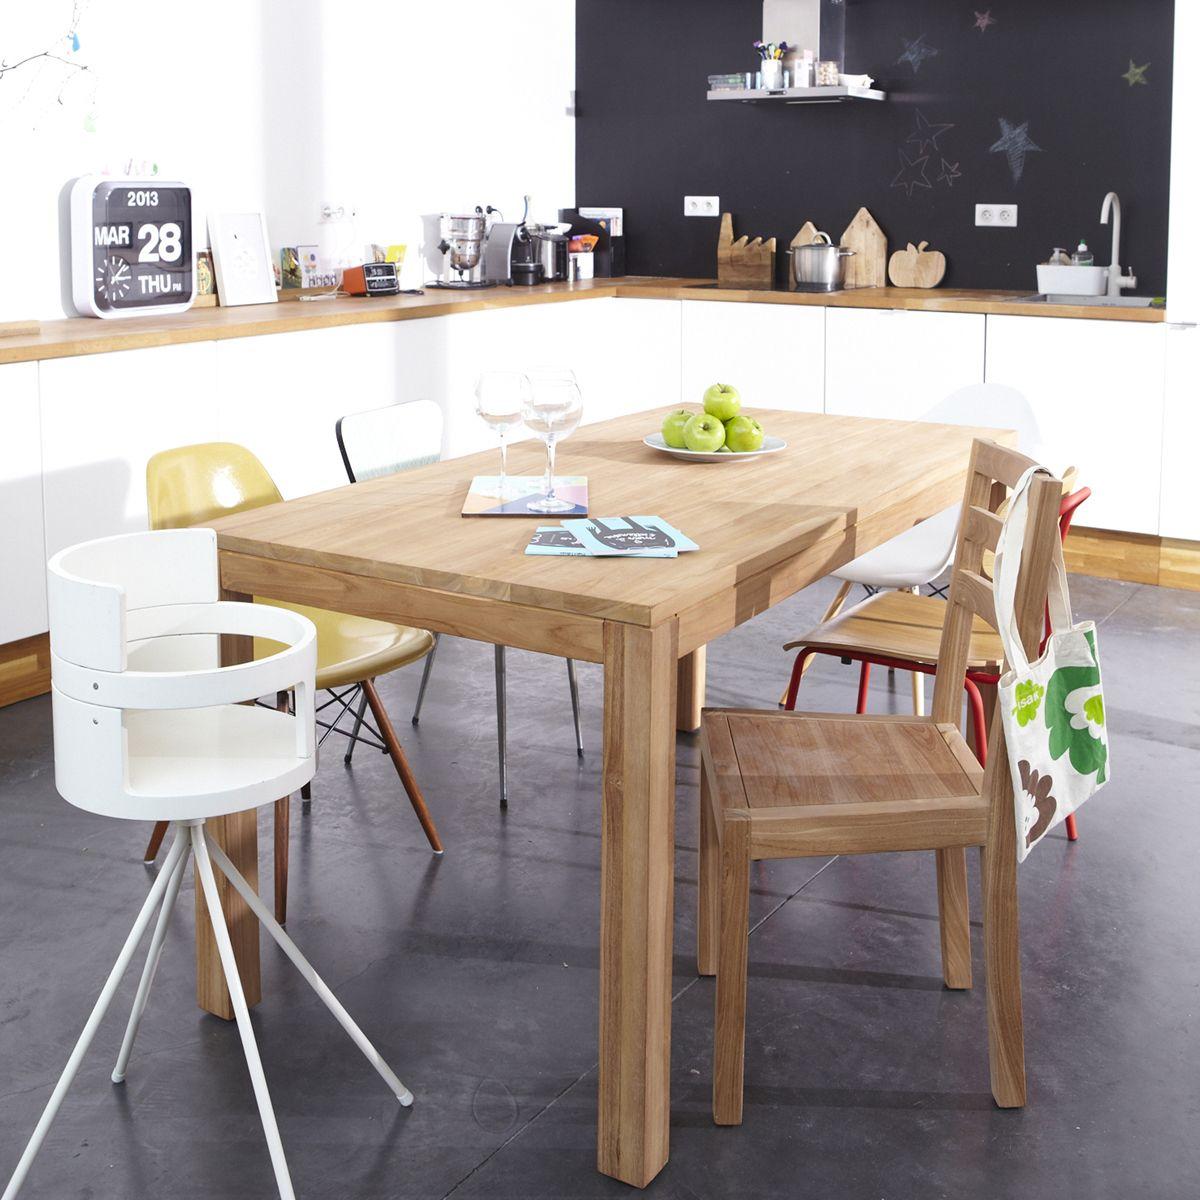 table en bois tikamoon et chaises depareillees. Black Bedroom Furniture Sets. Home Design Ideas